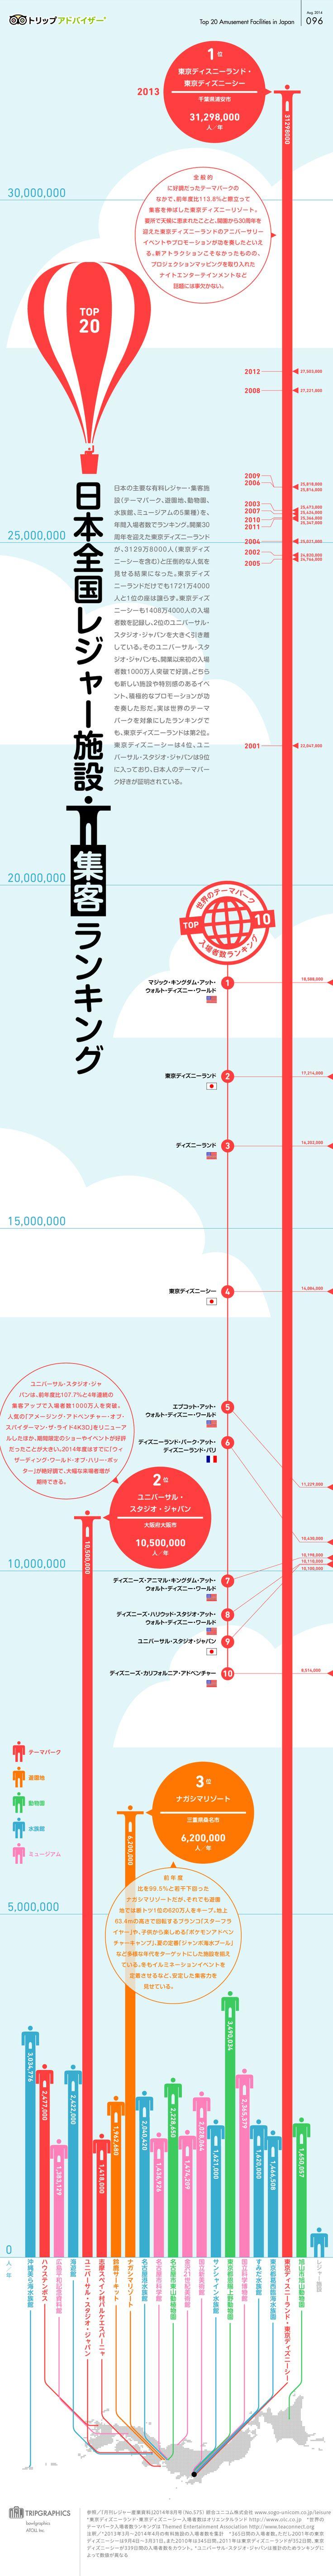 日本全国レジャー施設集客ランキング